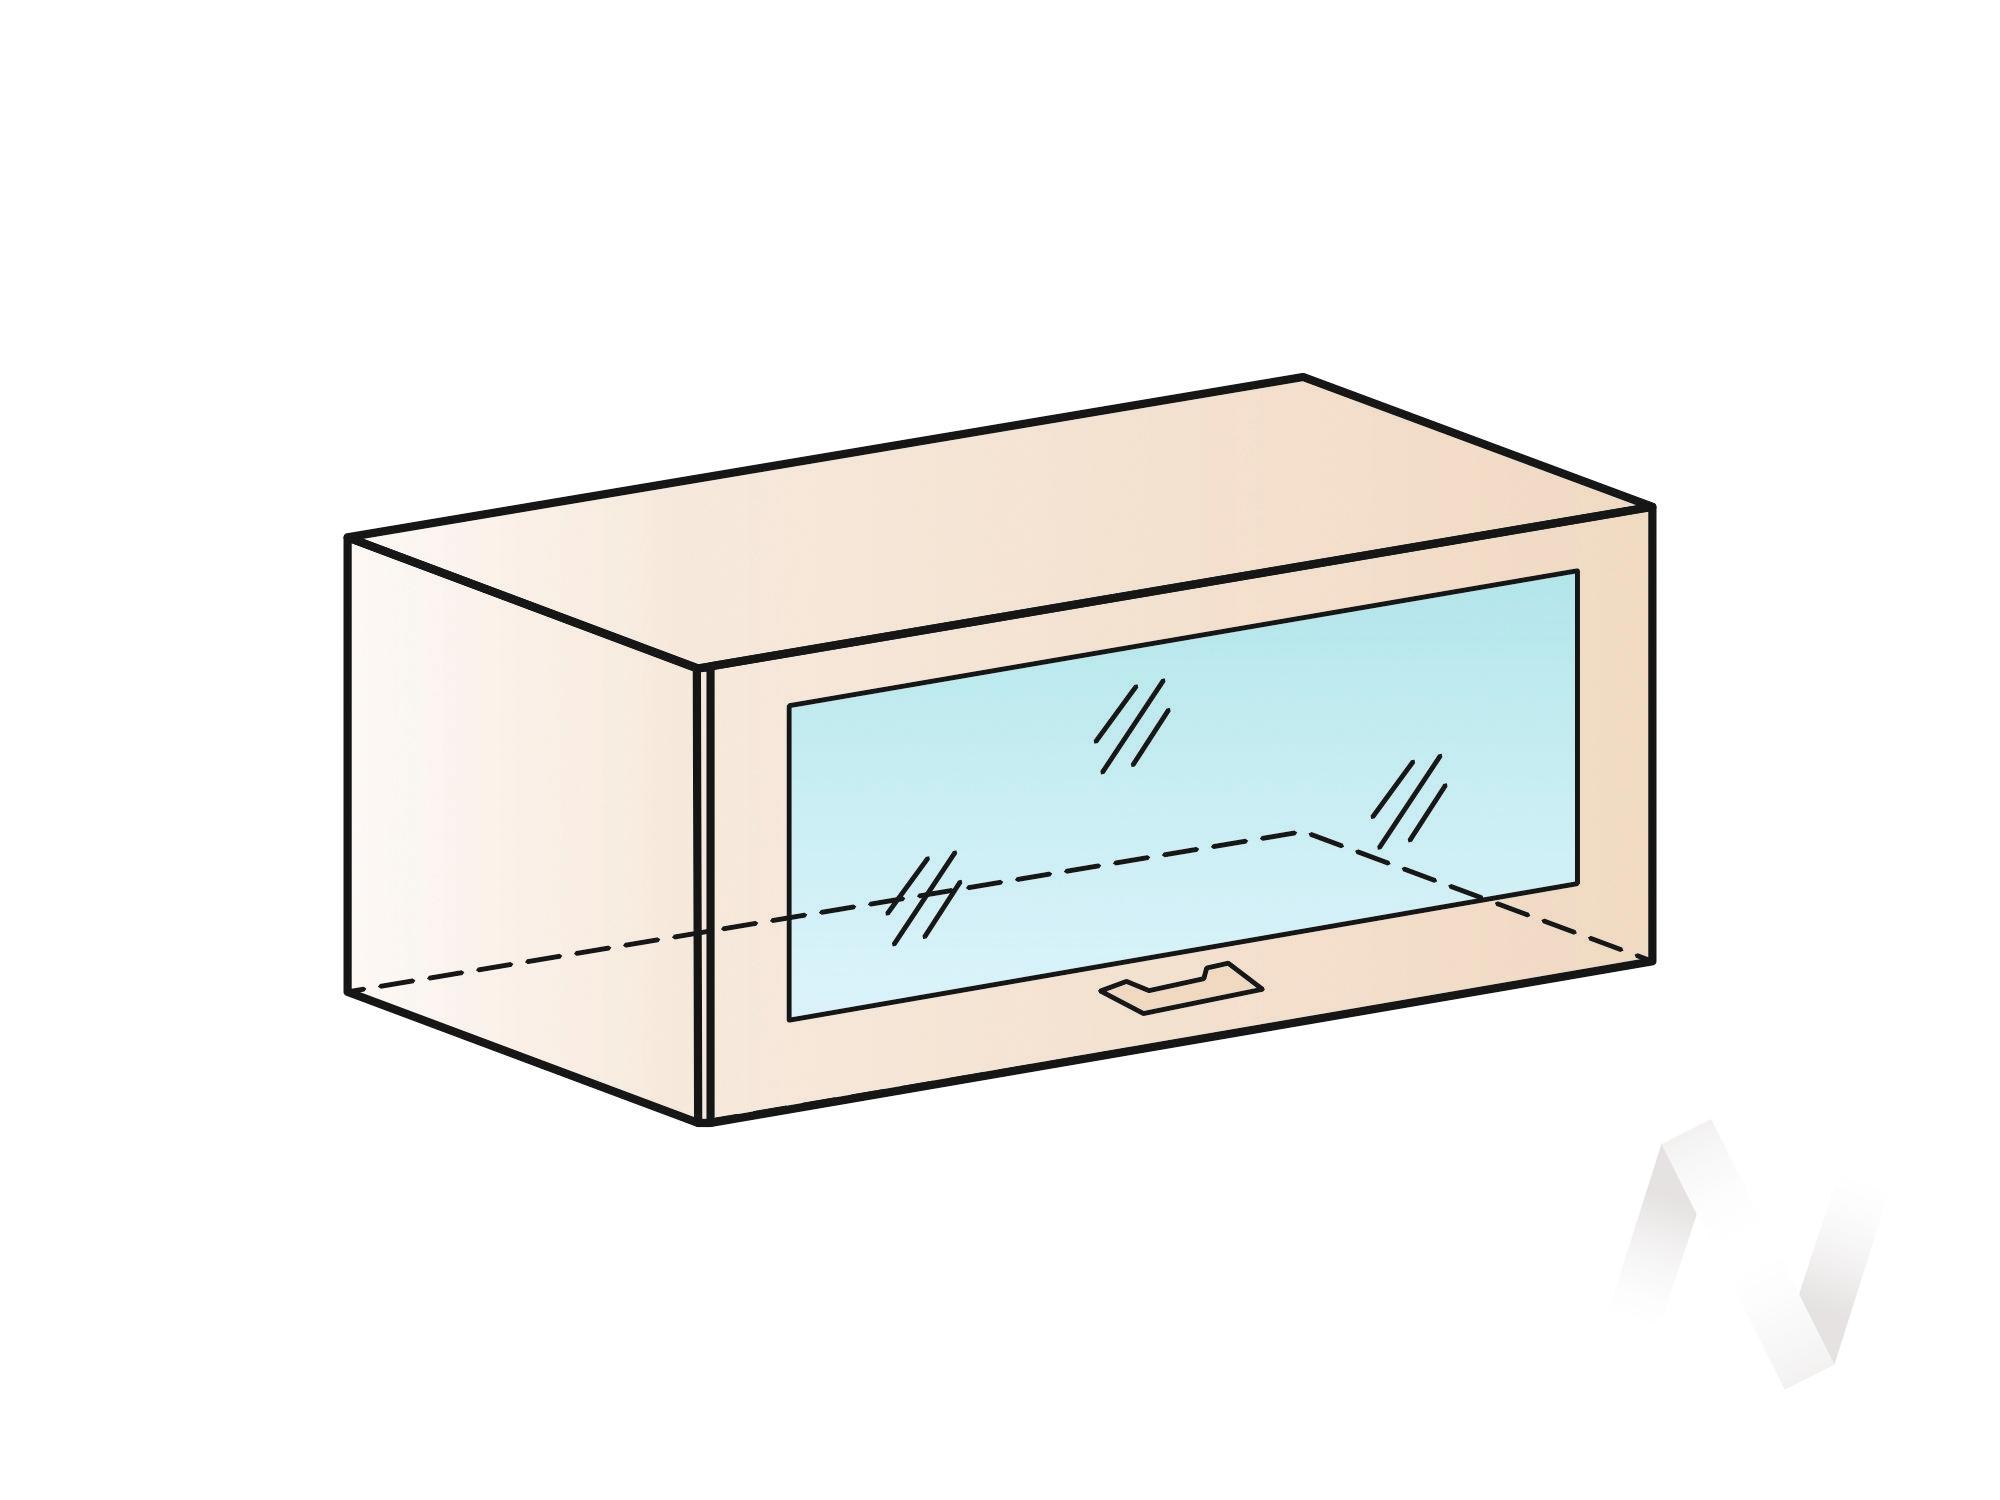 """Кухня """"Валерия-М"""": Шкаф верхний горизонтальный со стеклом 800, ШВГС 800 (бел. металлик/корпус белый) в Томске — авторская мебель Экостиль"""